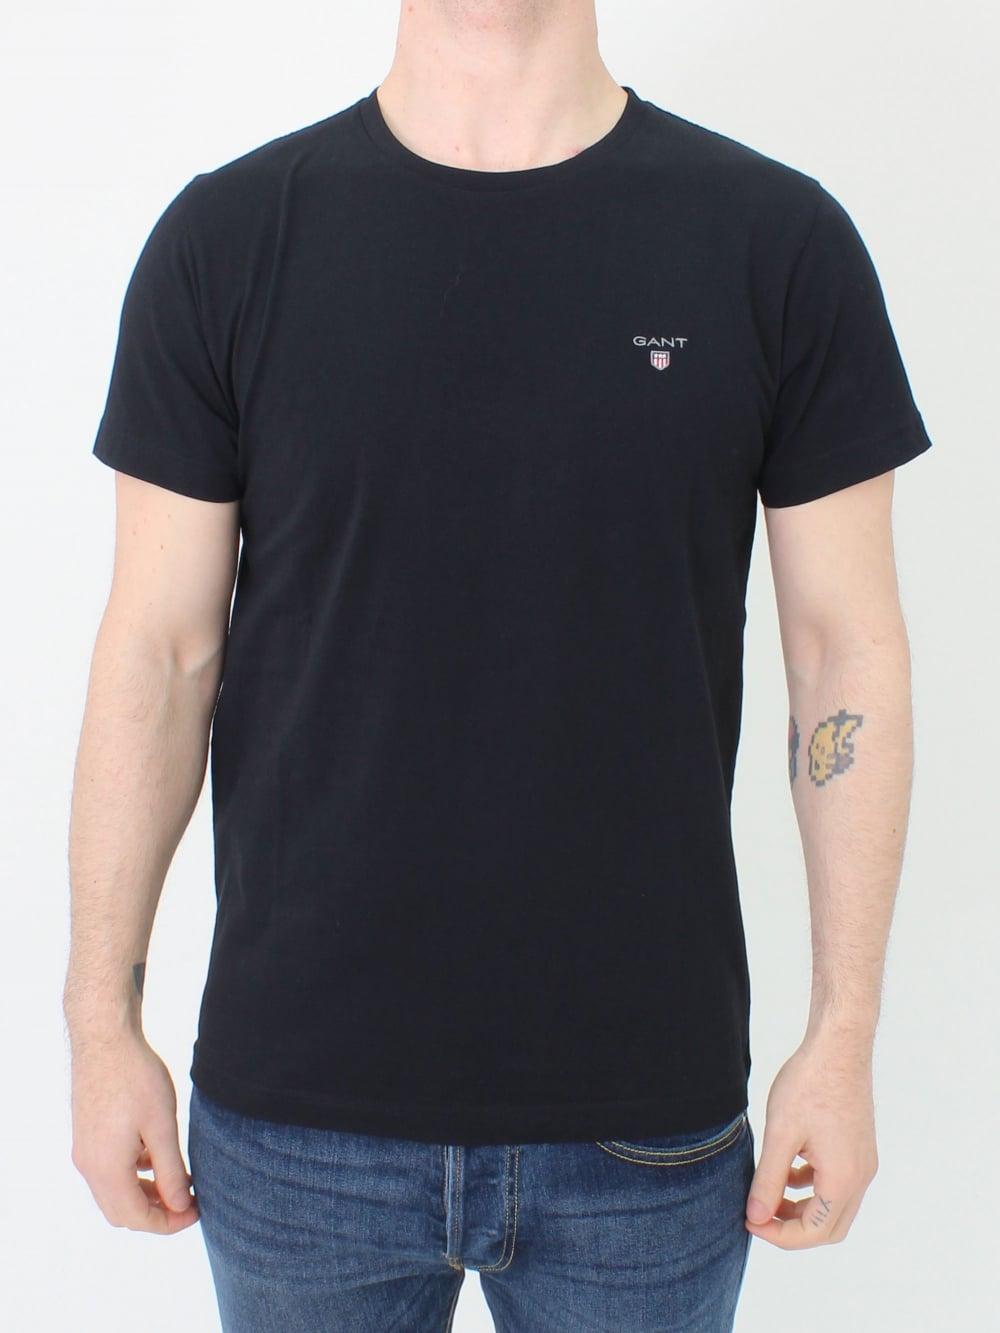 3905301d720 GANT Original Crew Neck T.Shirt in Black   Northern Threads